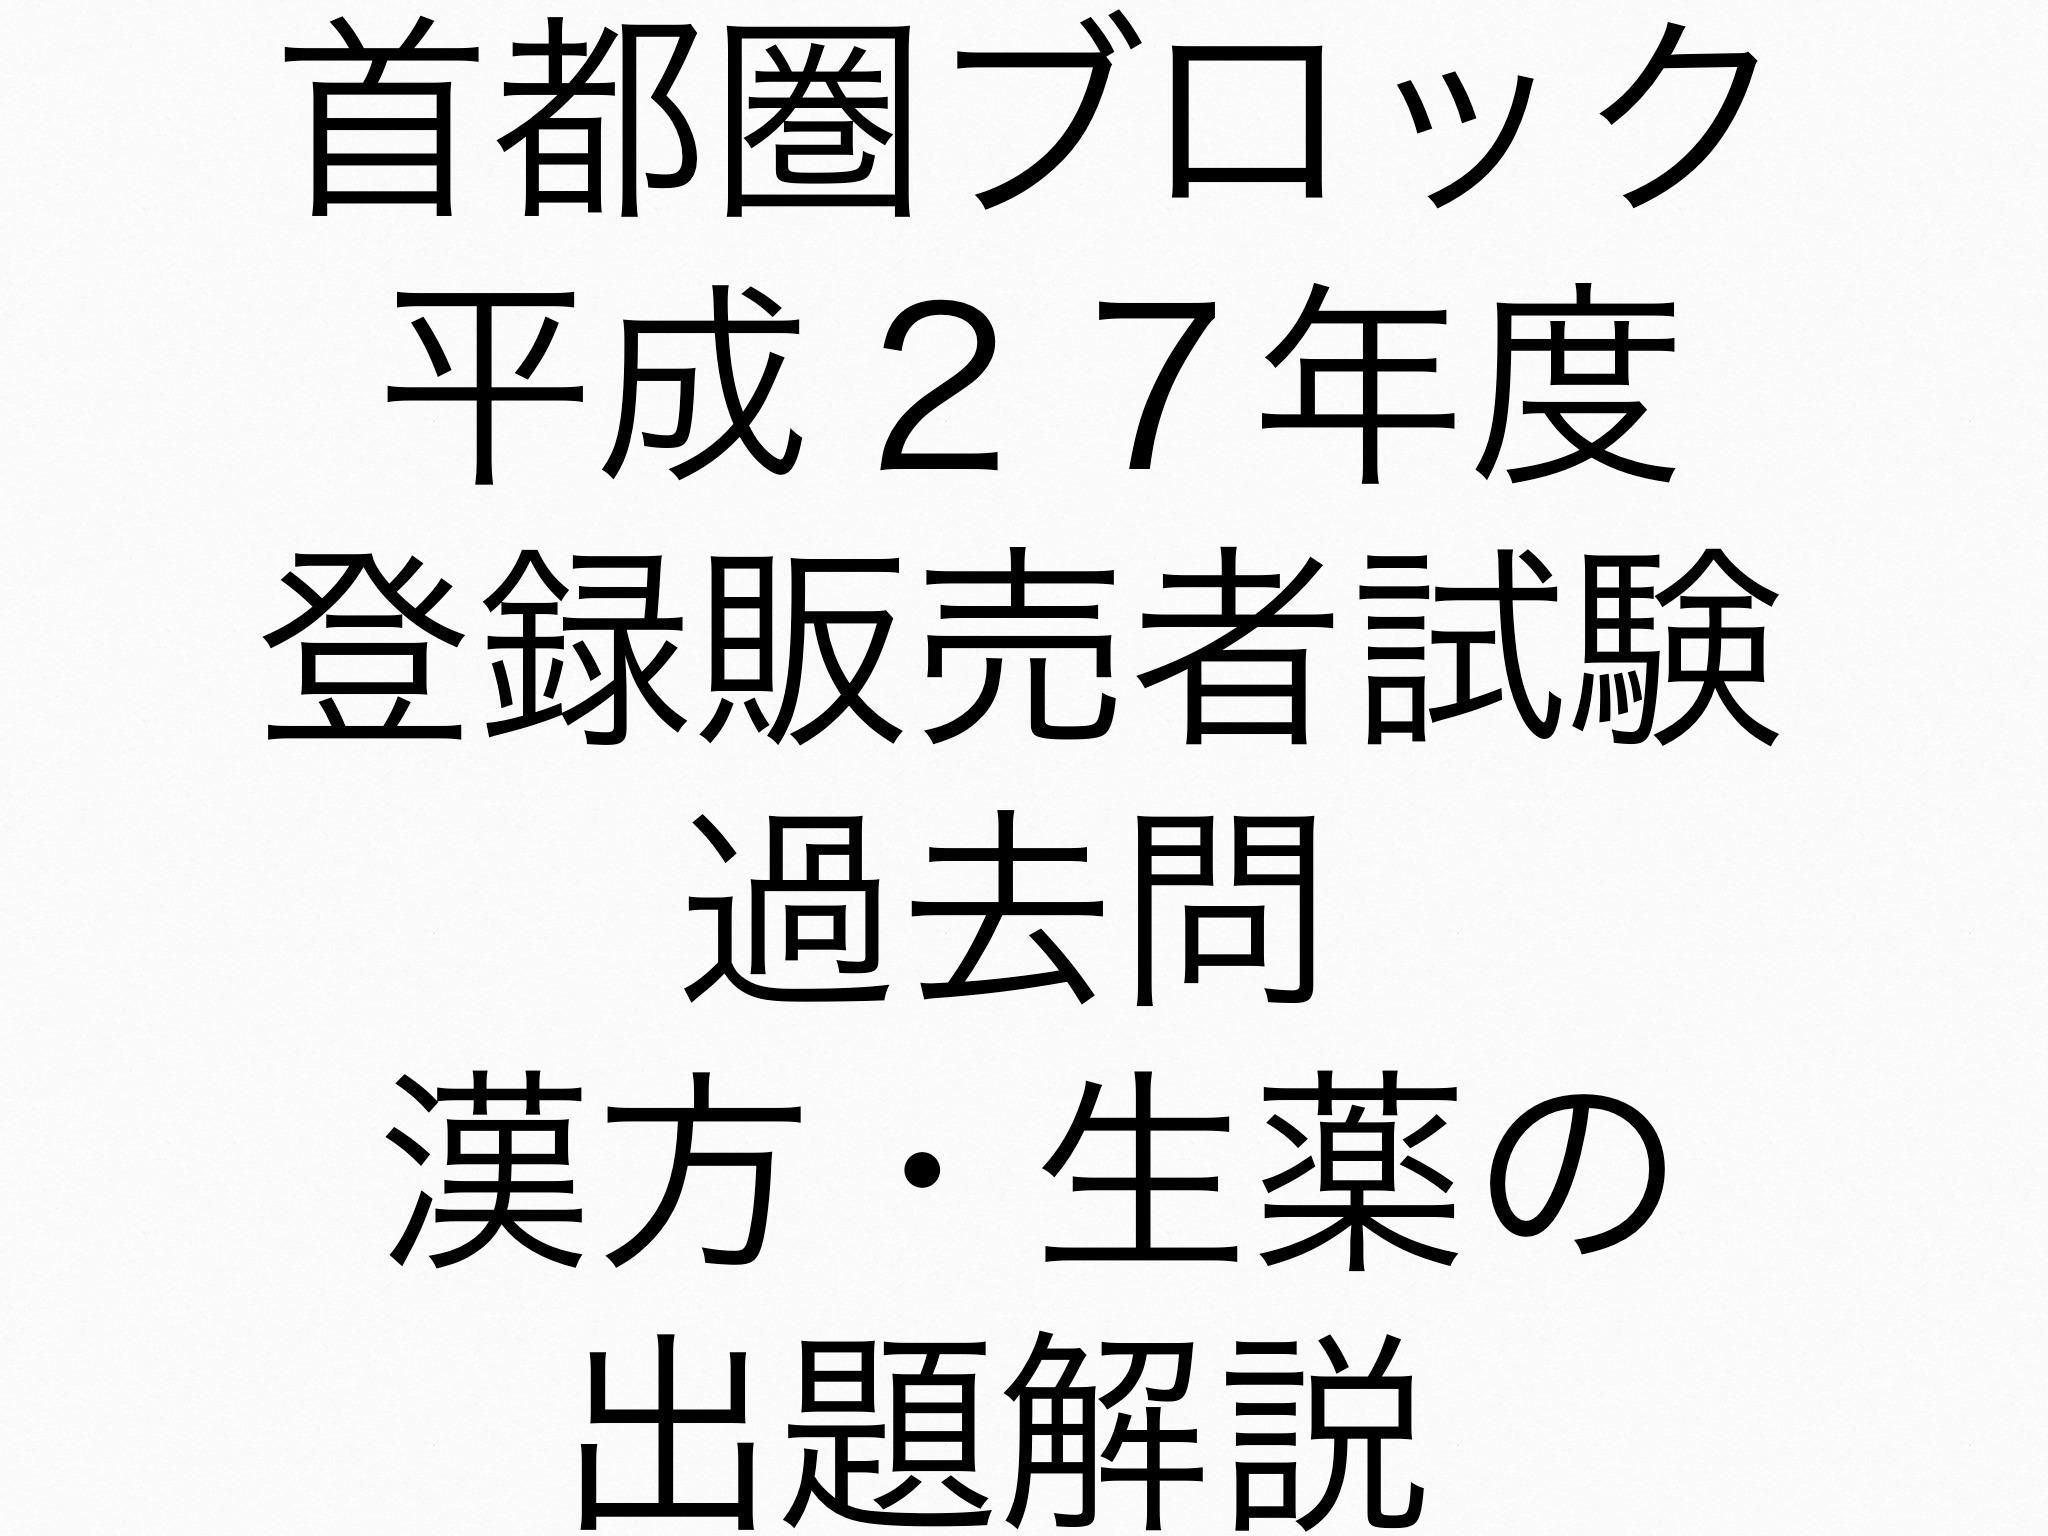 東京H27)登録販売者試験過去問 漢方・生薬の問題解説/出題傾向